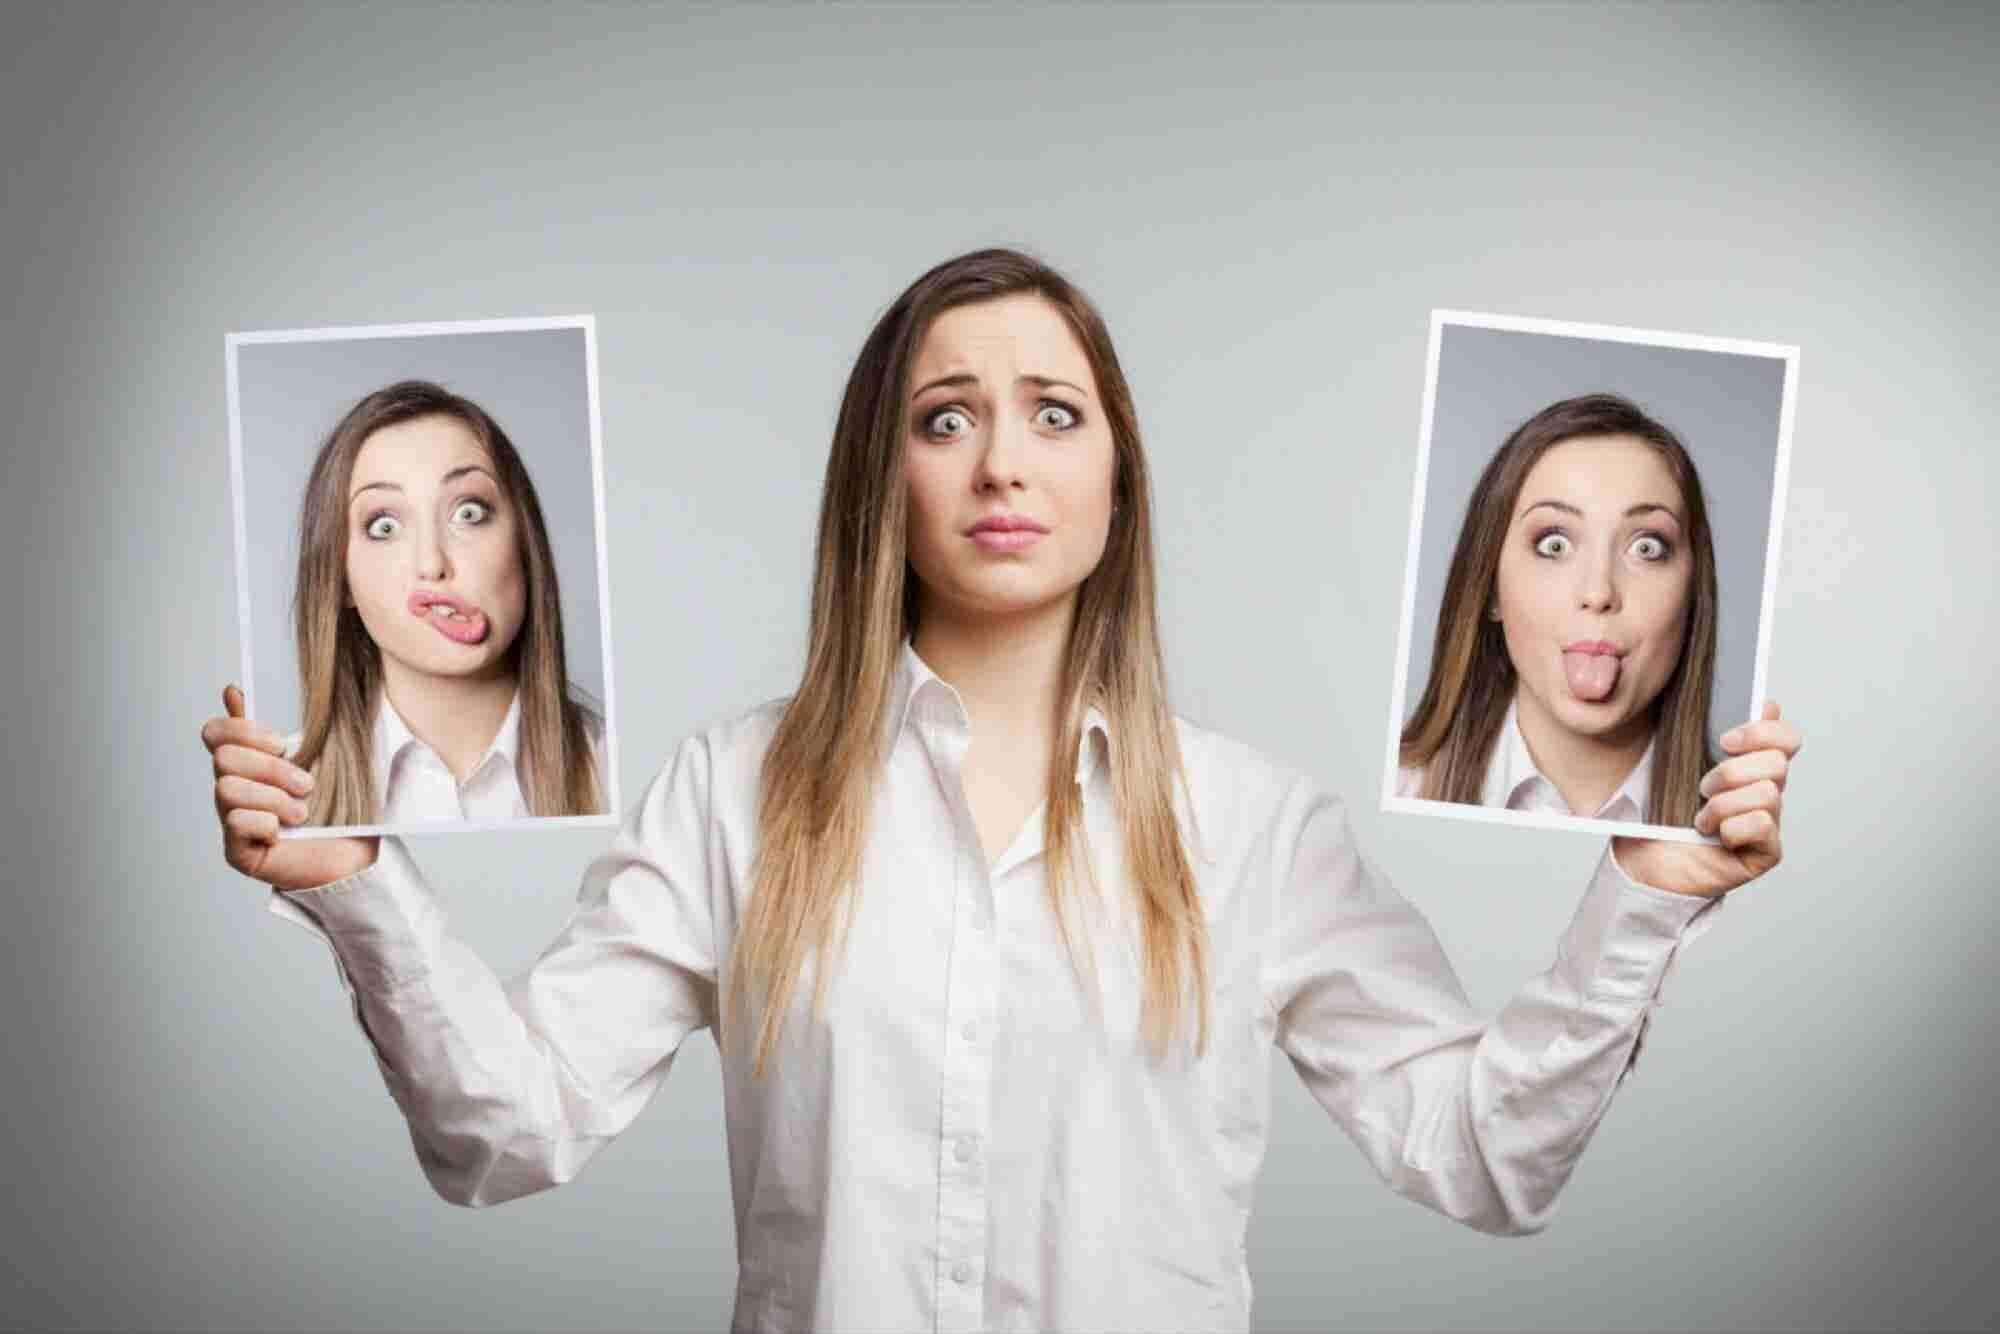 ¿La personalidad predice nuestro triunfo?